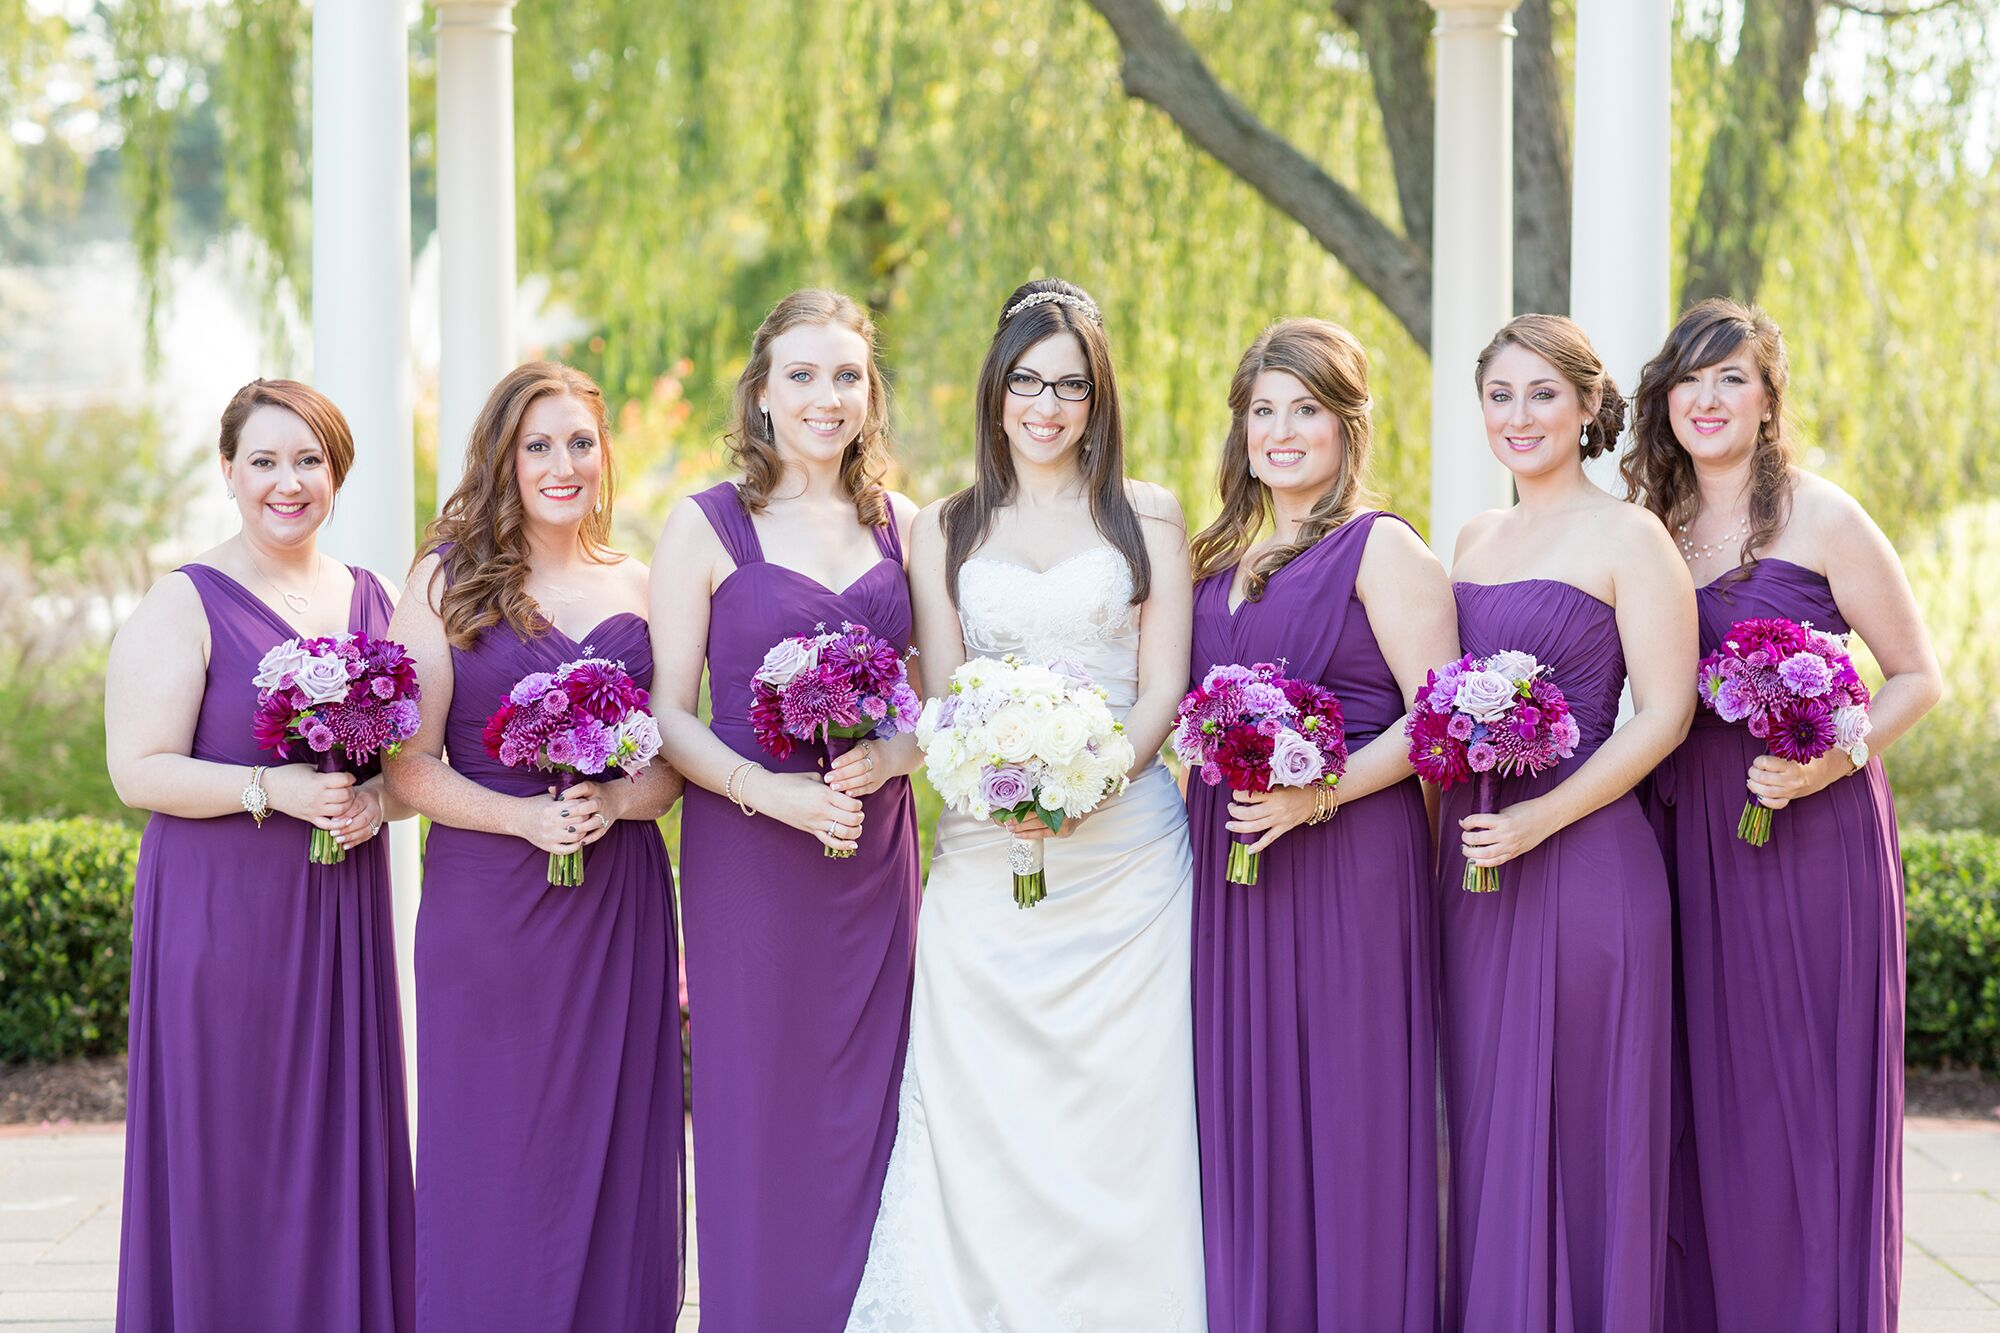 Increíble Lulakate Bridesmaid Dresses Fotos - Vestido de Novia Para ...